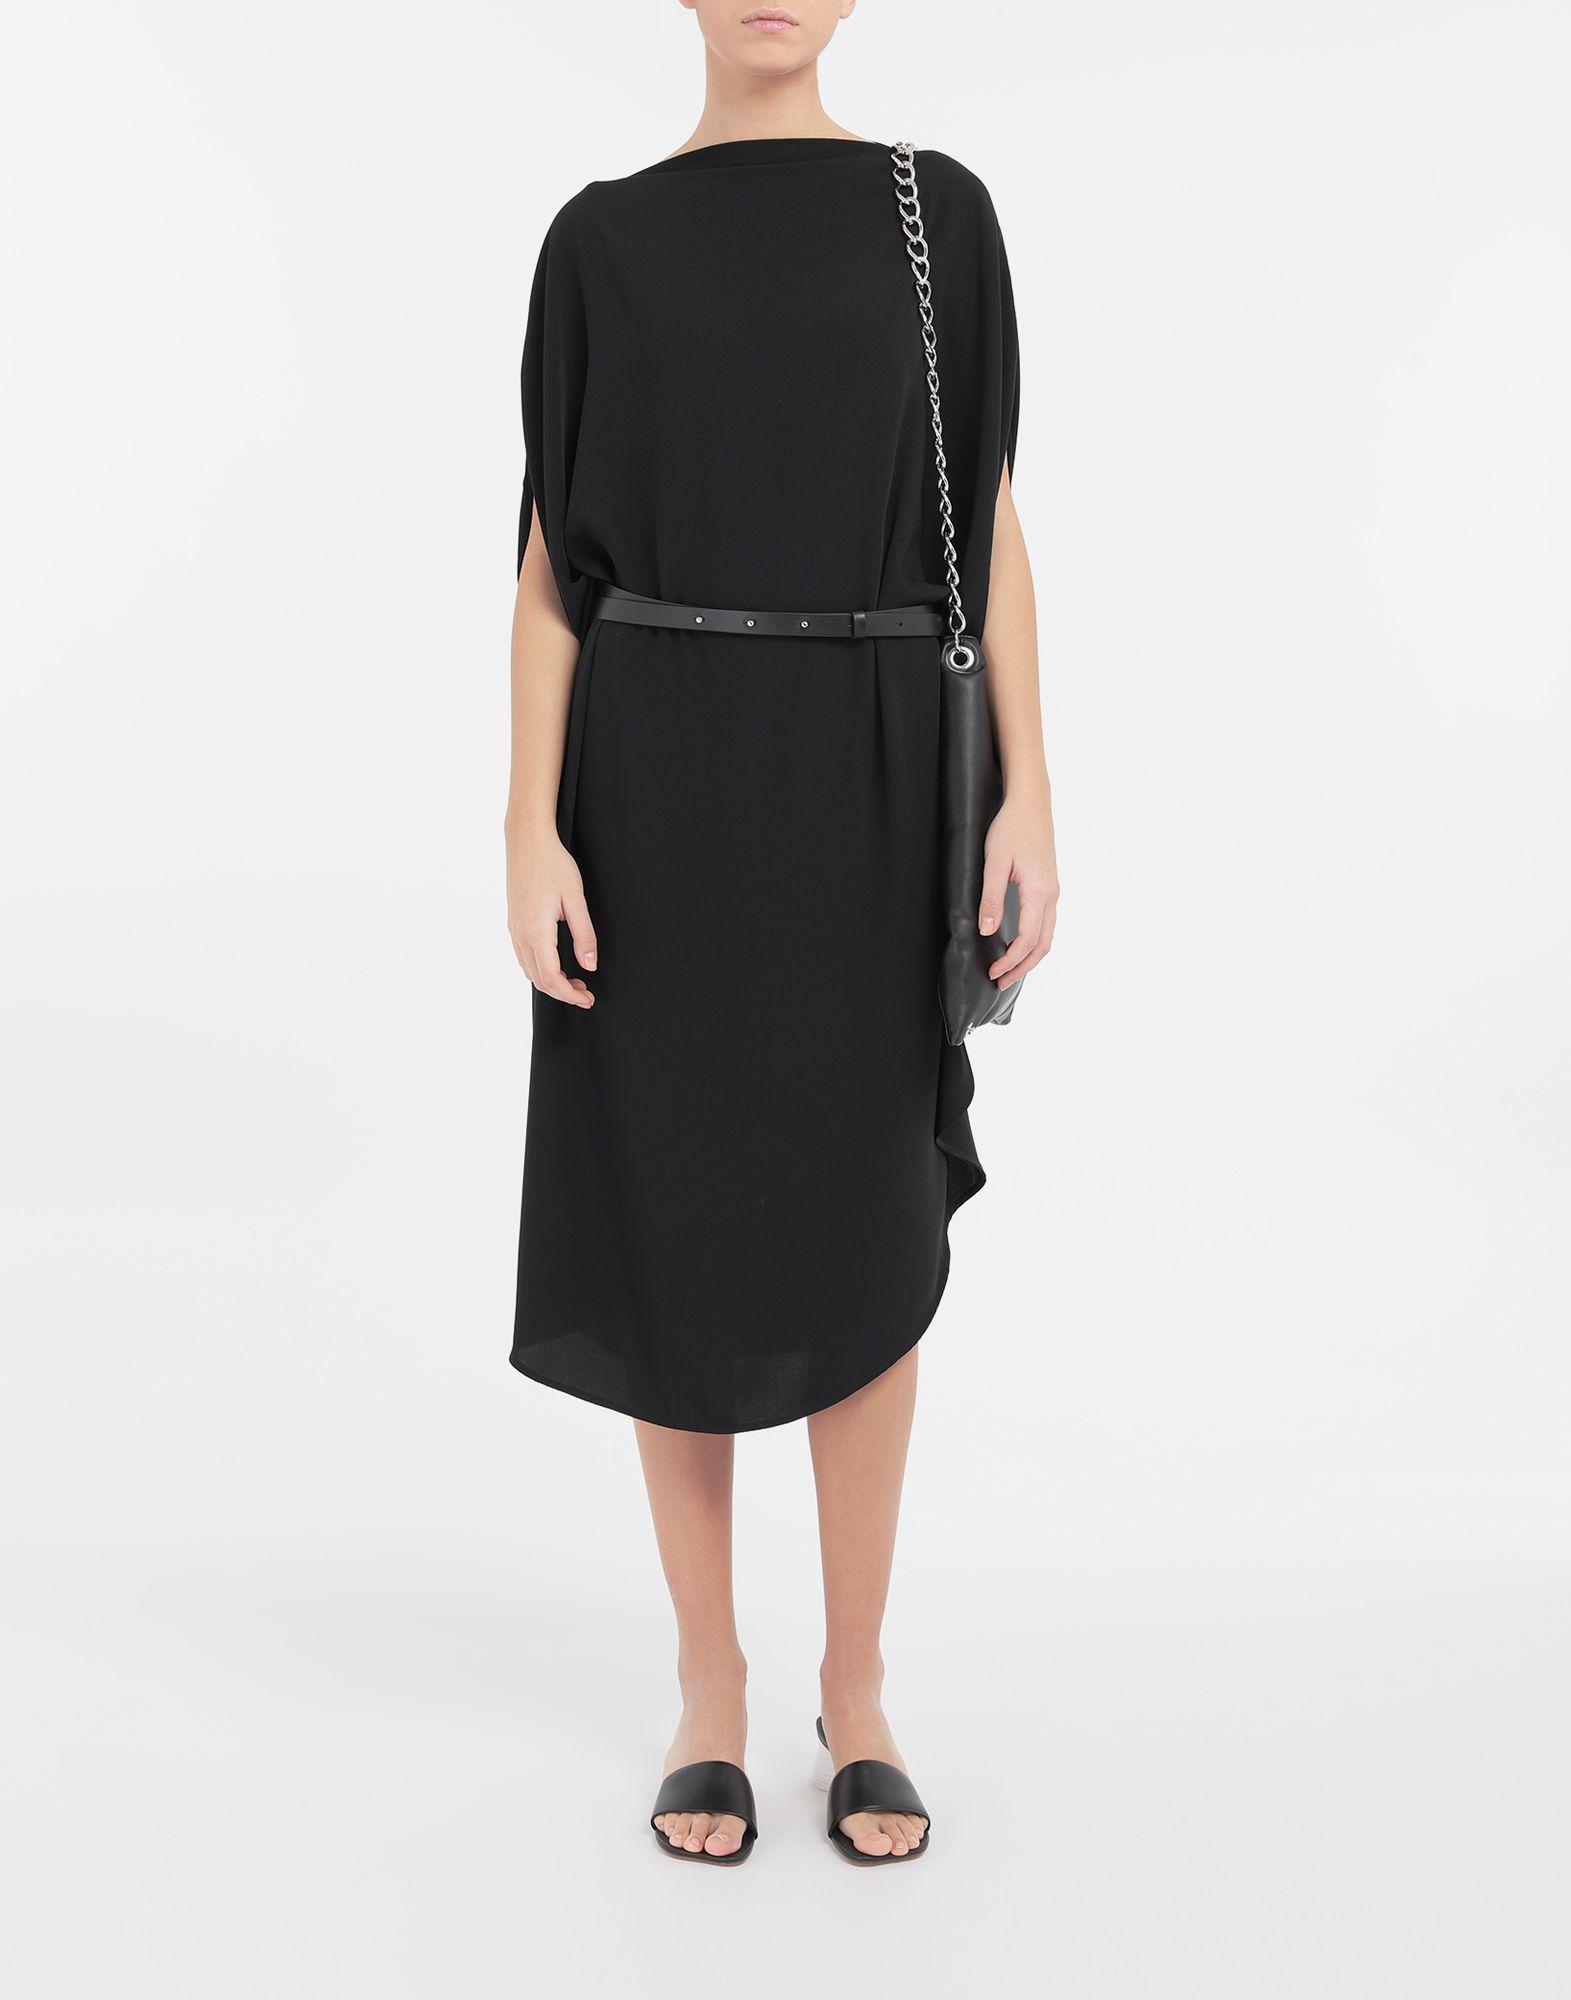 MM6 MAISON MARGIELA Circle belted dress 3/4 length dress Woman d